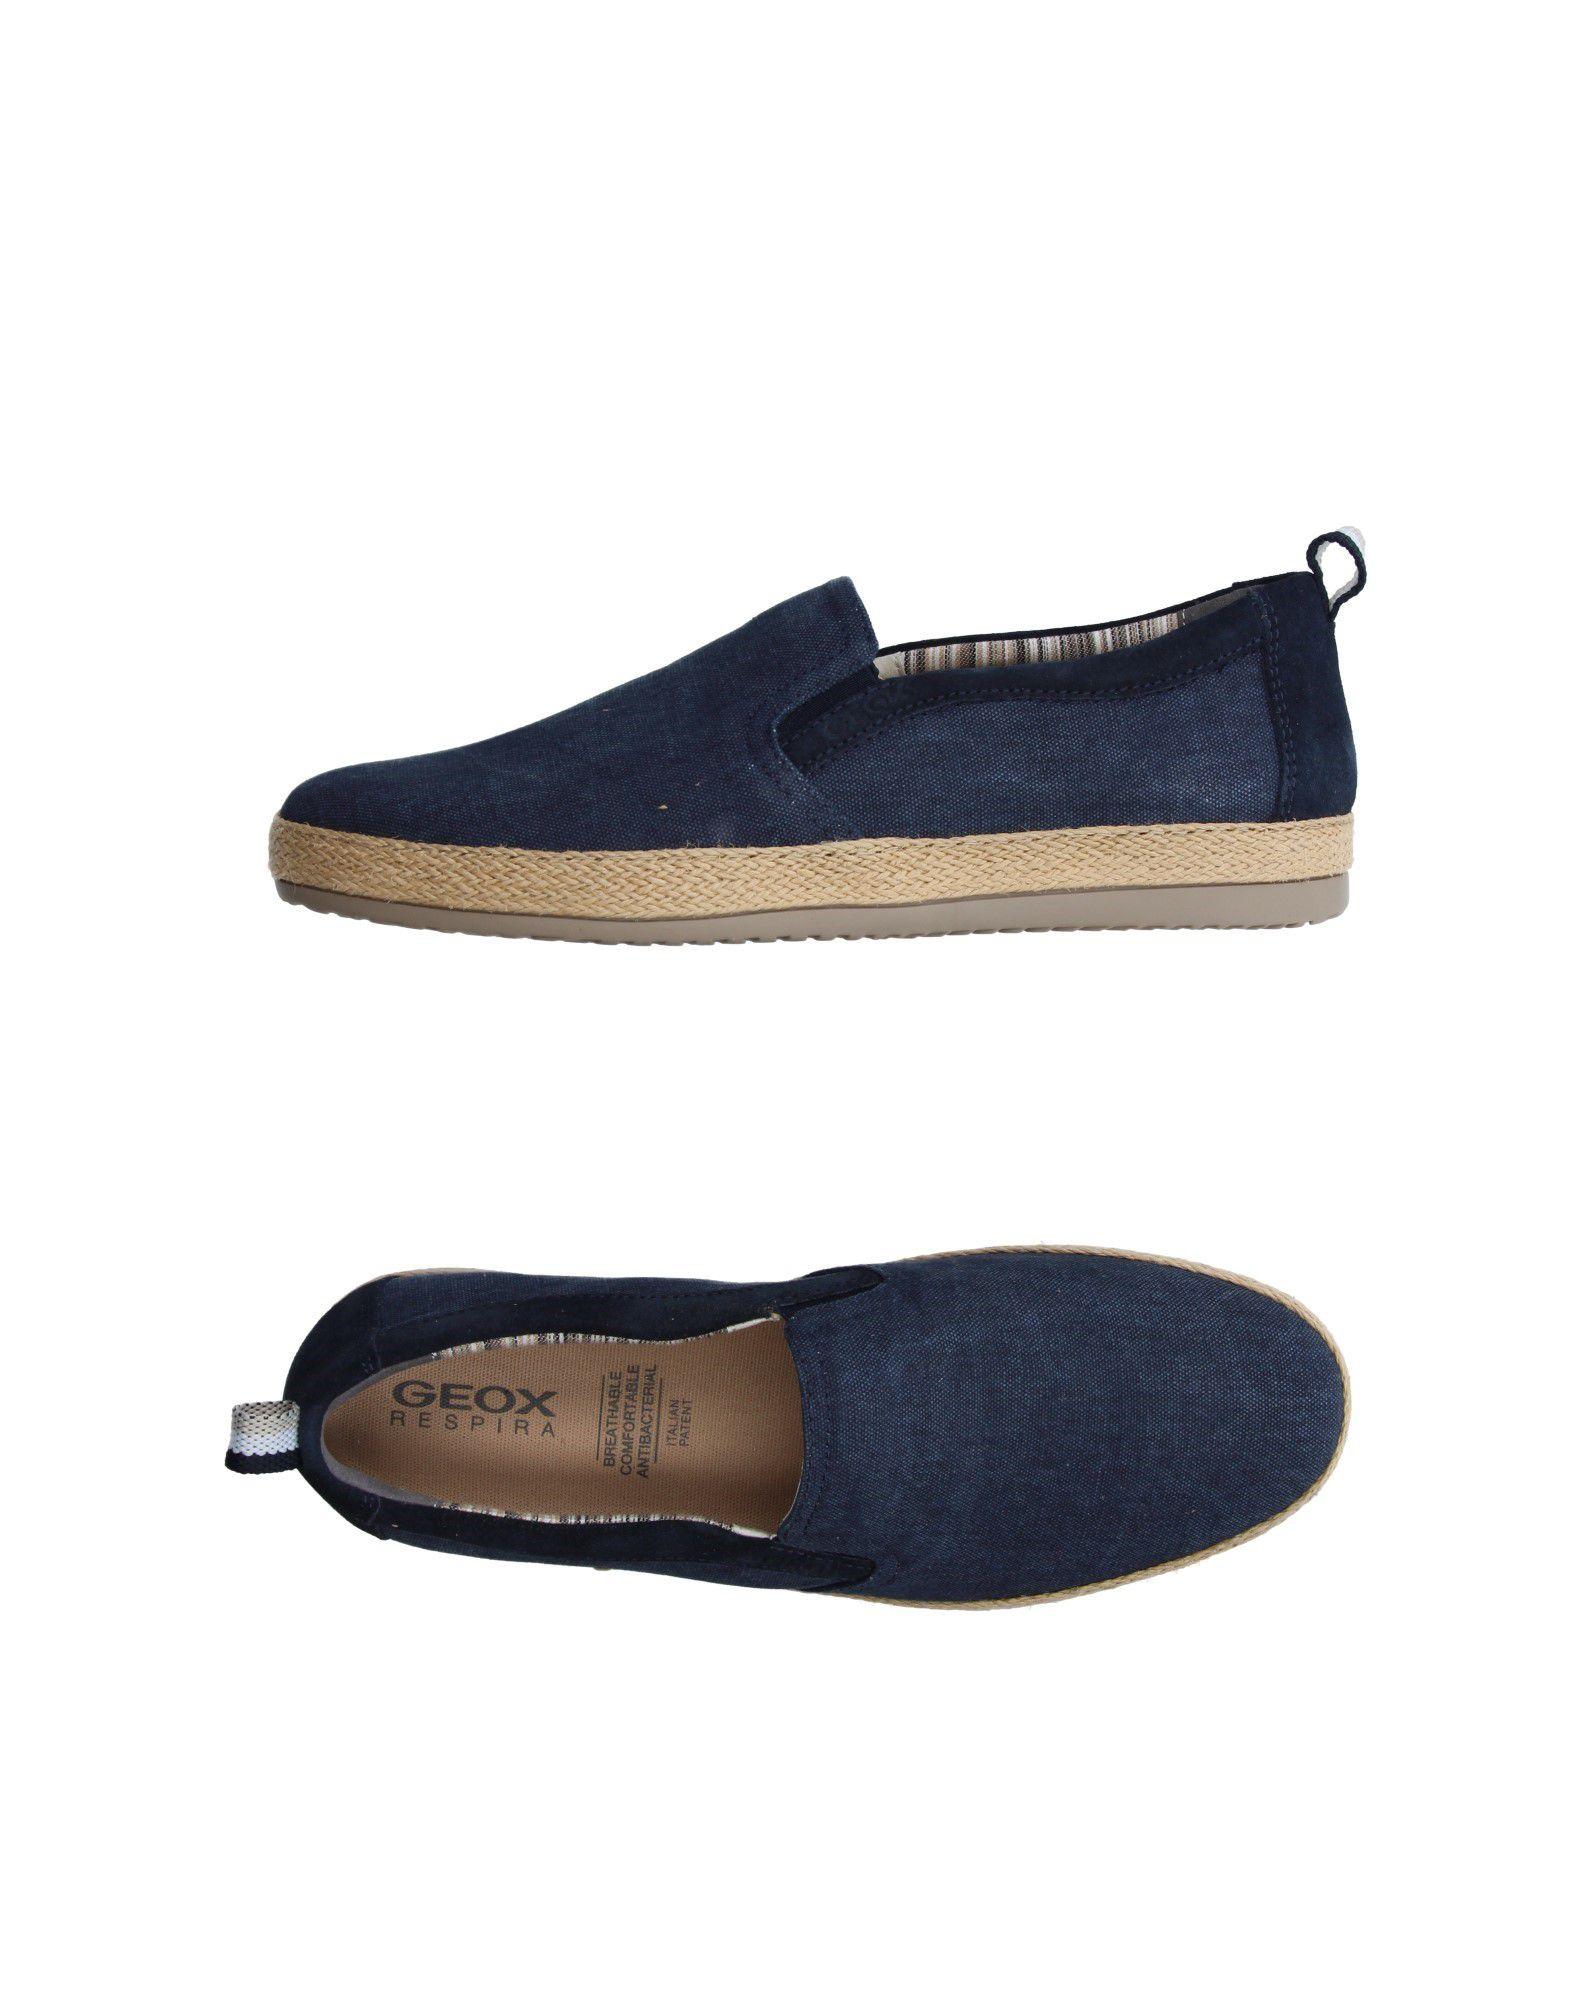 Rabatt echte Schuhe Geox Espadrilles Herren Herren Espadrilles  11217766ER 861996